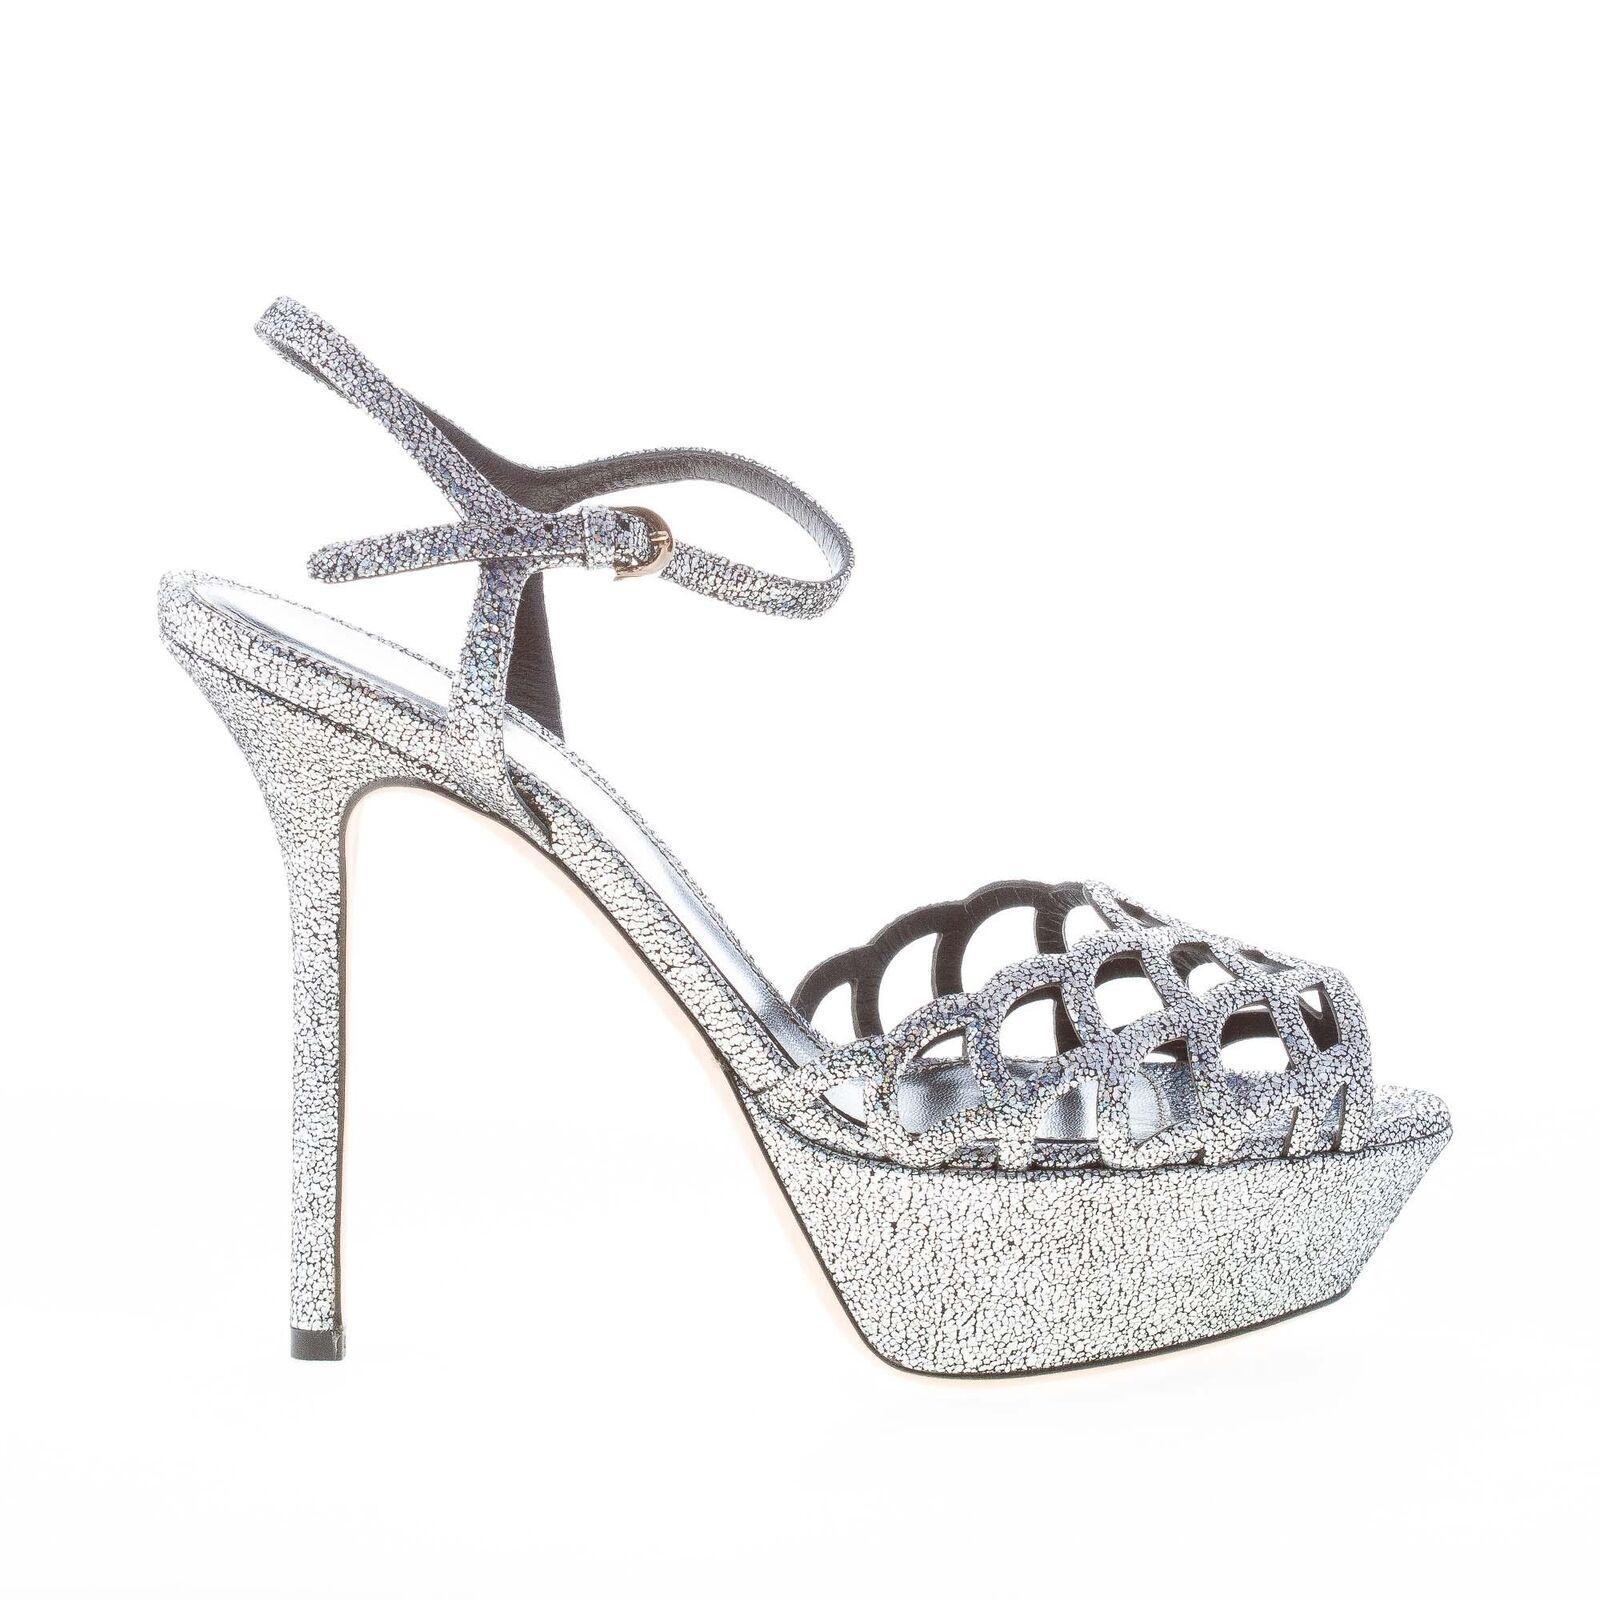 Sergio Rossi Zapatos Mujer Mujer Mujer Plata Efecto Cuero Sandalia Peep Toe Brillante  Envio gratis en todas las ordenes